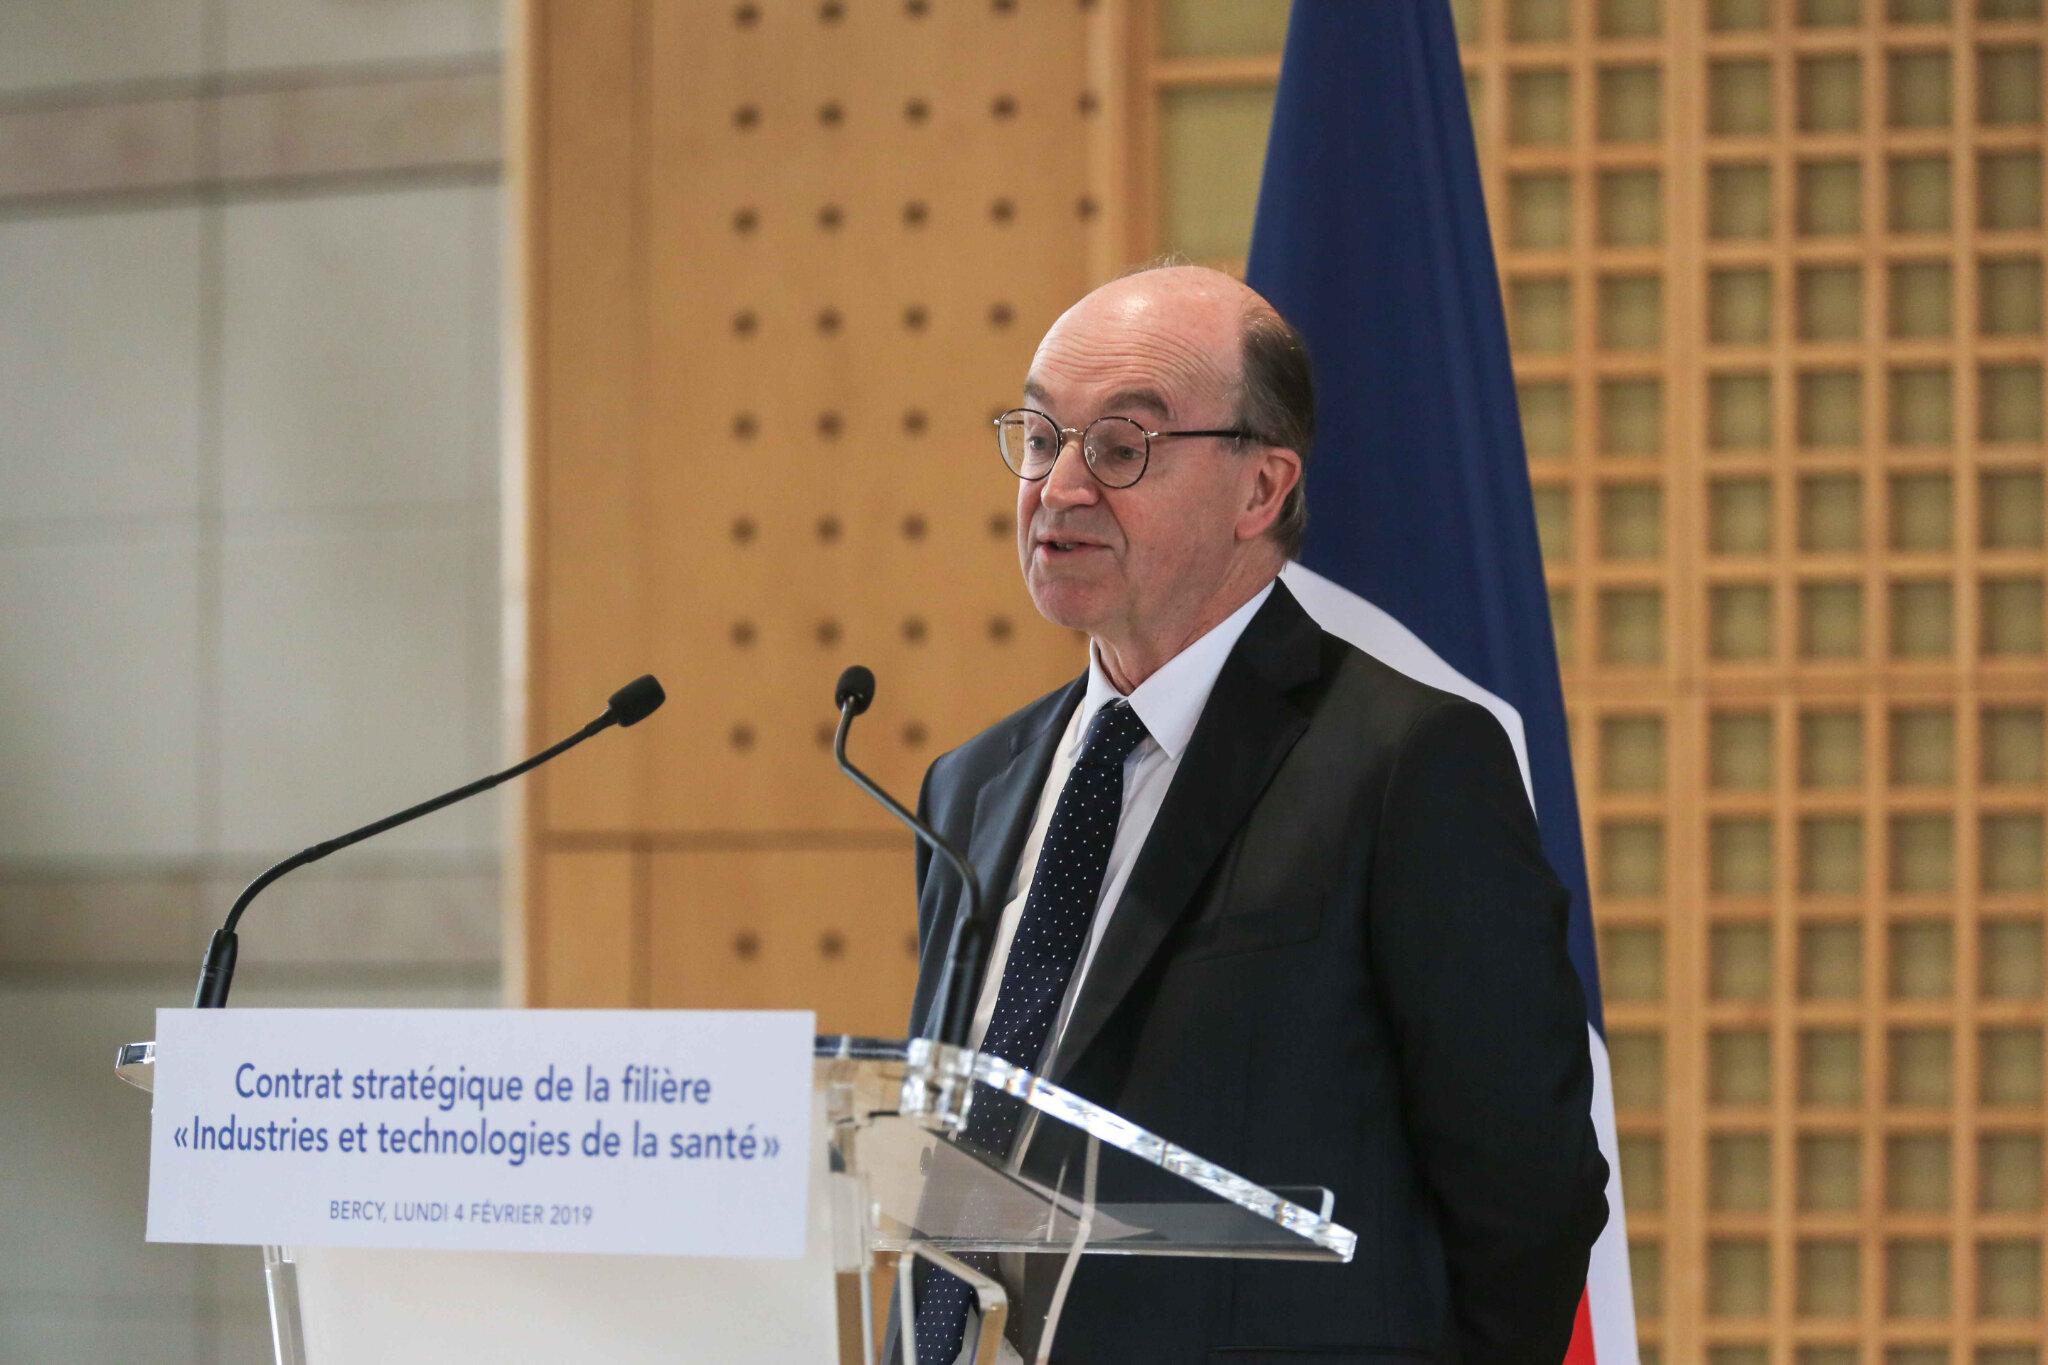 Signature du Contrat stratégique « Industries et Technologies de Santé ». © Michel Stoupak. Lun 04.02.2019, 14h53m06.